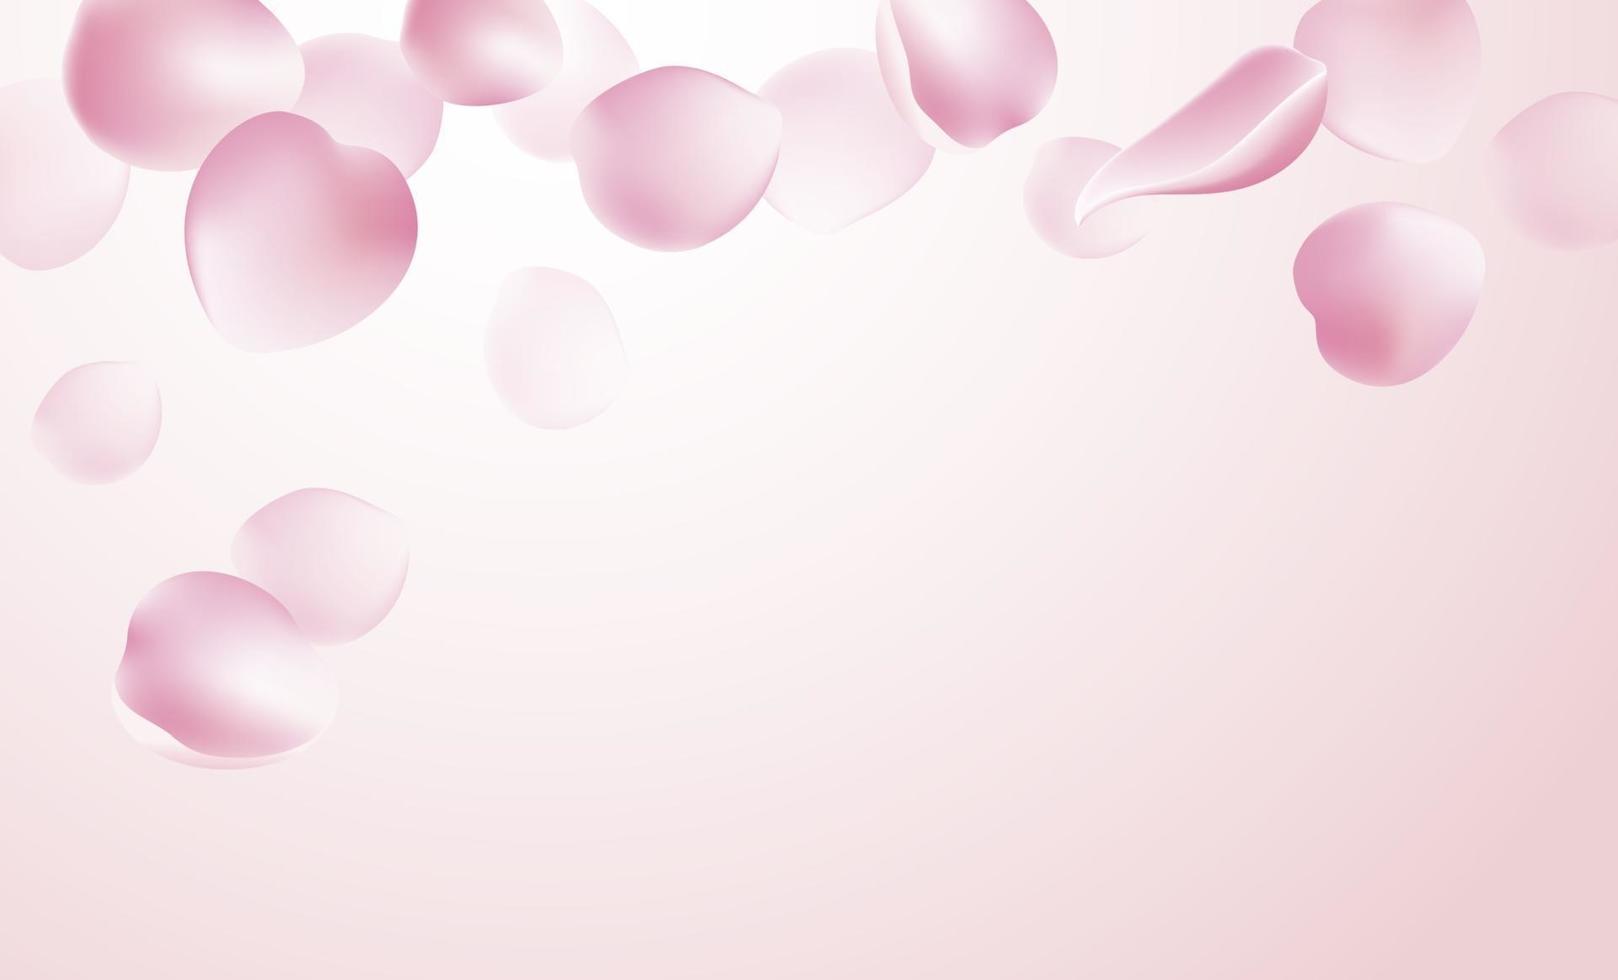 rosenblad faller på rosa bakgrundsvektorillustration vektor